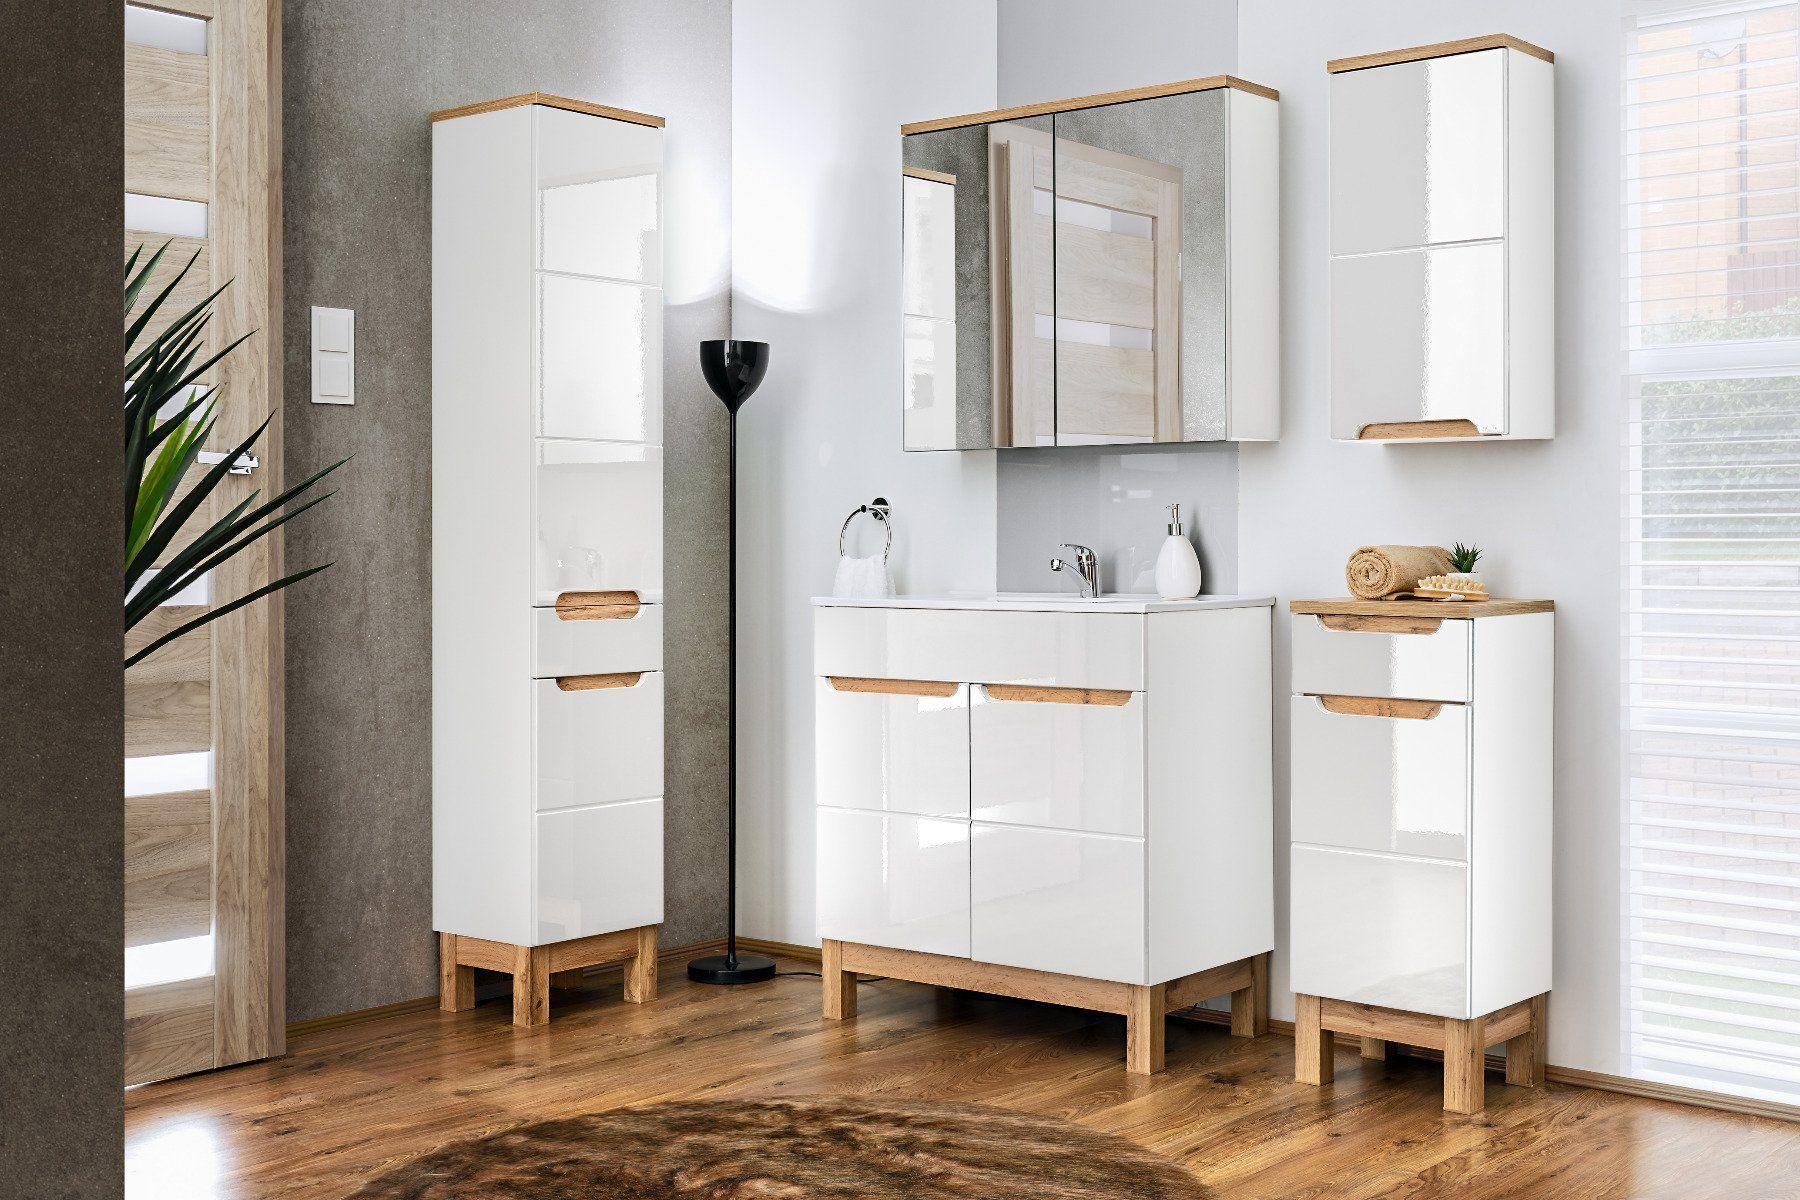 Szafka łazienkowa BALI 830 biała  Kupuj w Sprawdzonych sklepach